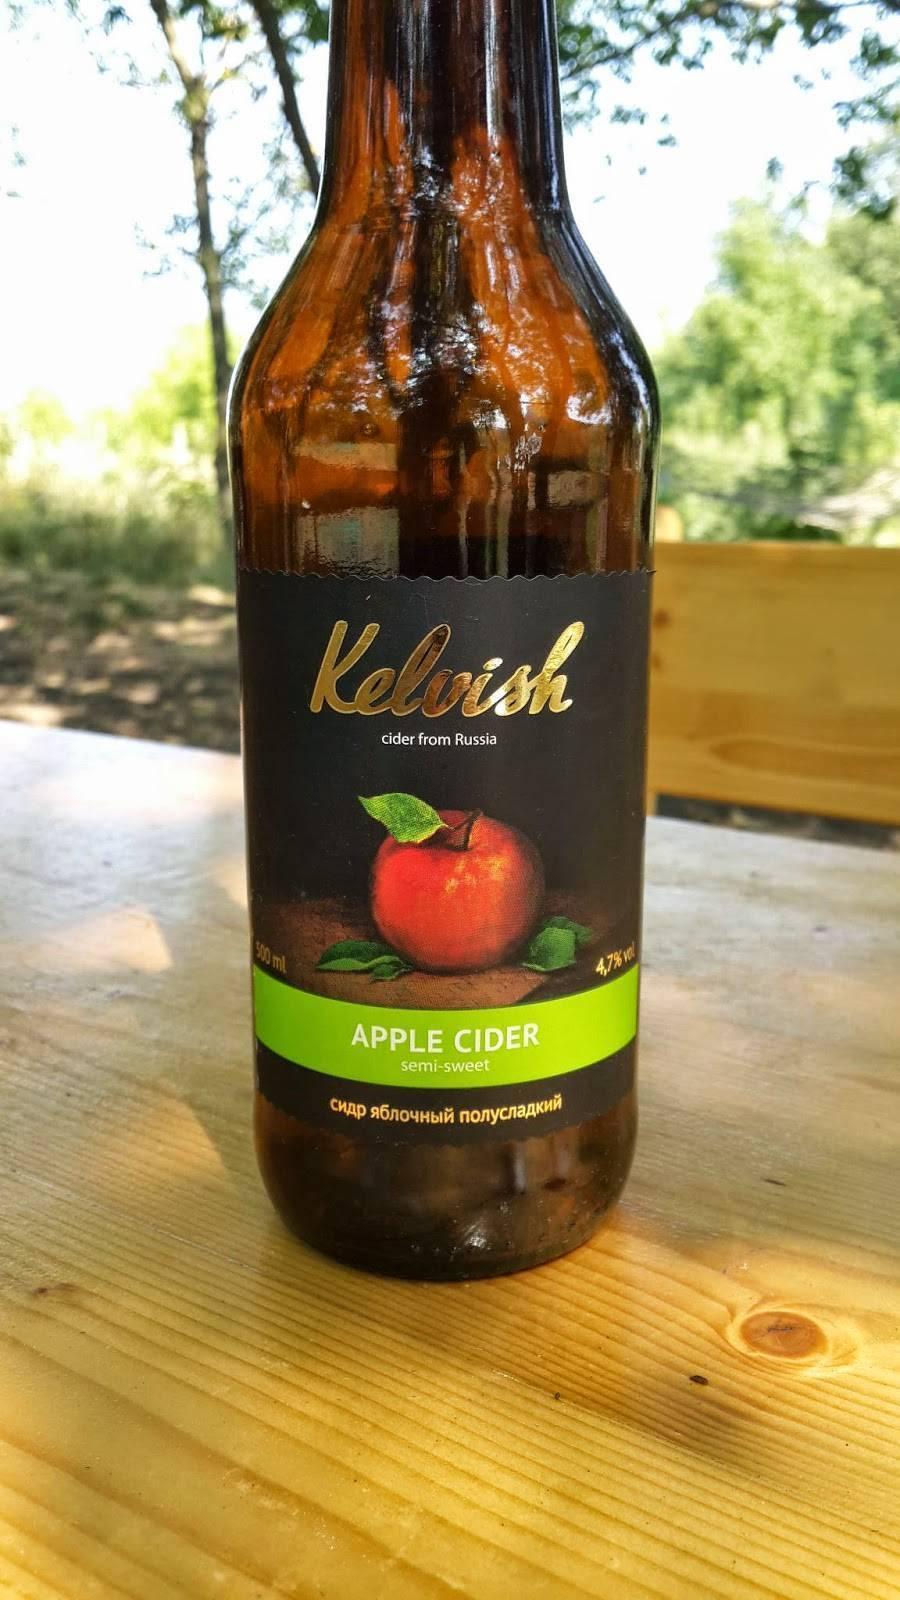 Келвиш (сидр): краткое описание напитка, полезные свойства, отзывы